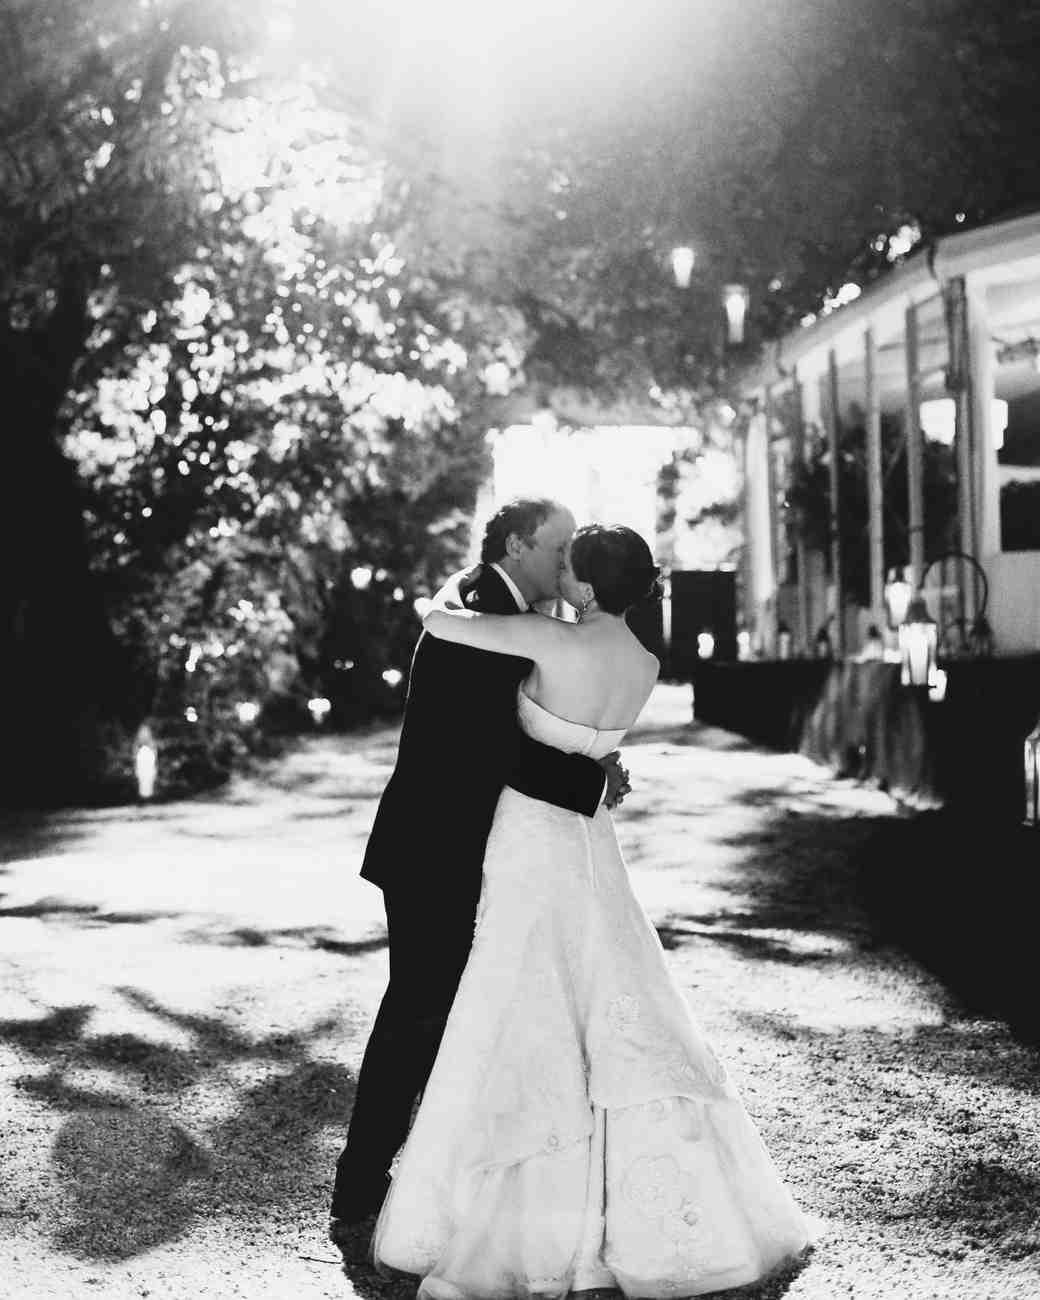 bride-groom-kiss-bw-26134eg5u4291-2902112370-o-mwds110788.jpg